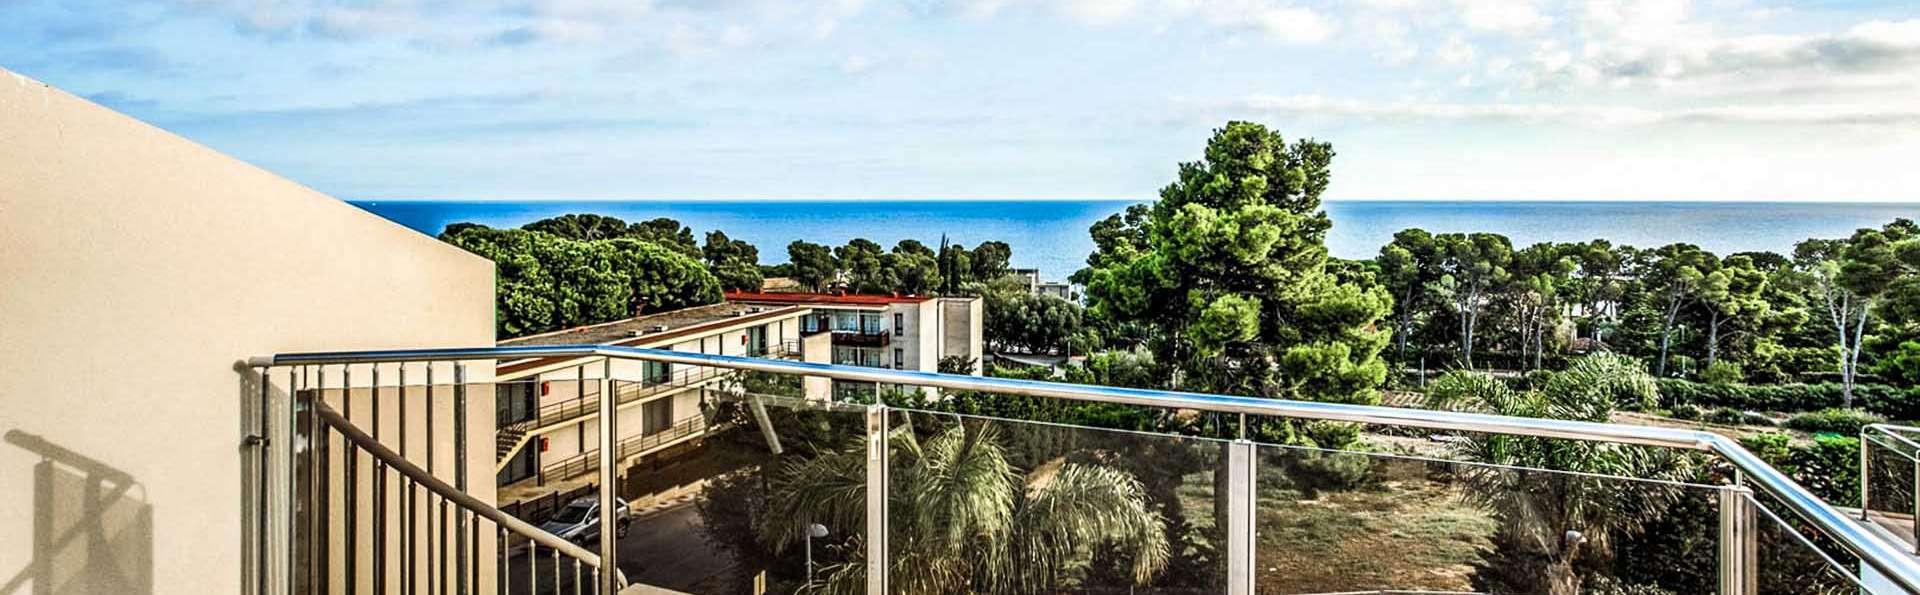 Calma Holiday Villas - EDIT_casa_ext______________04.jpg